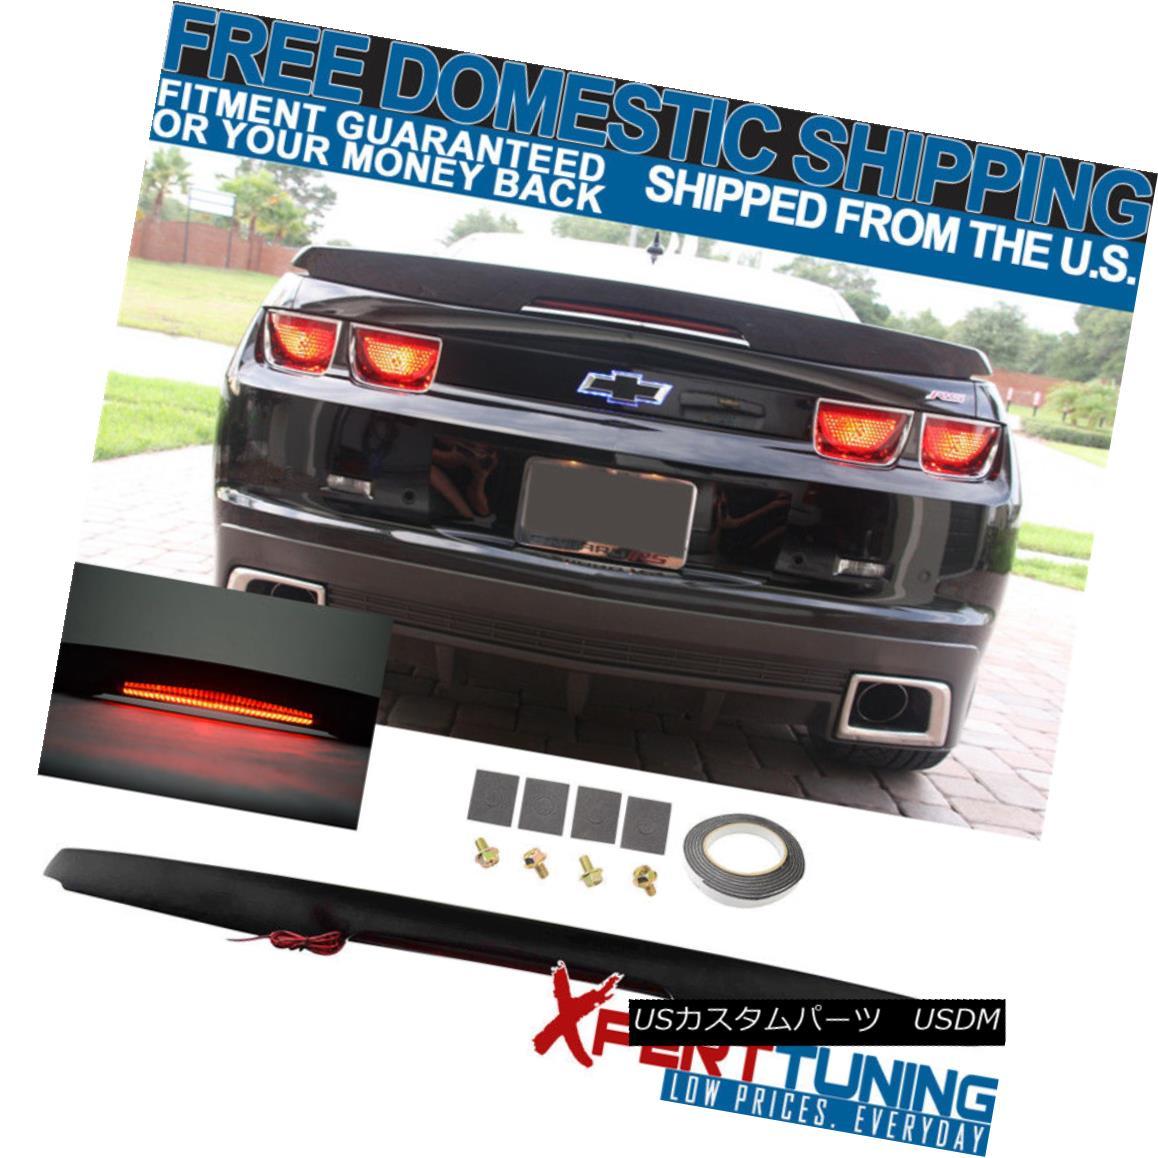 エアロパーツ Fit For Camaro ZL1 Style Trunk Spoiler Wing Unpainted Black W LED 3Rd Brake カマロZL1スタイルのトランク・スポイラー・ウィング・アンパインド・ブラックW LED 3RDブレーキ